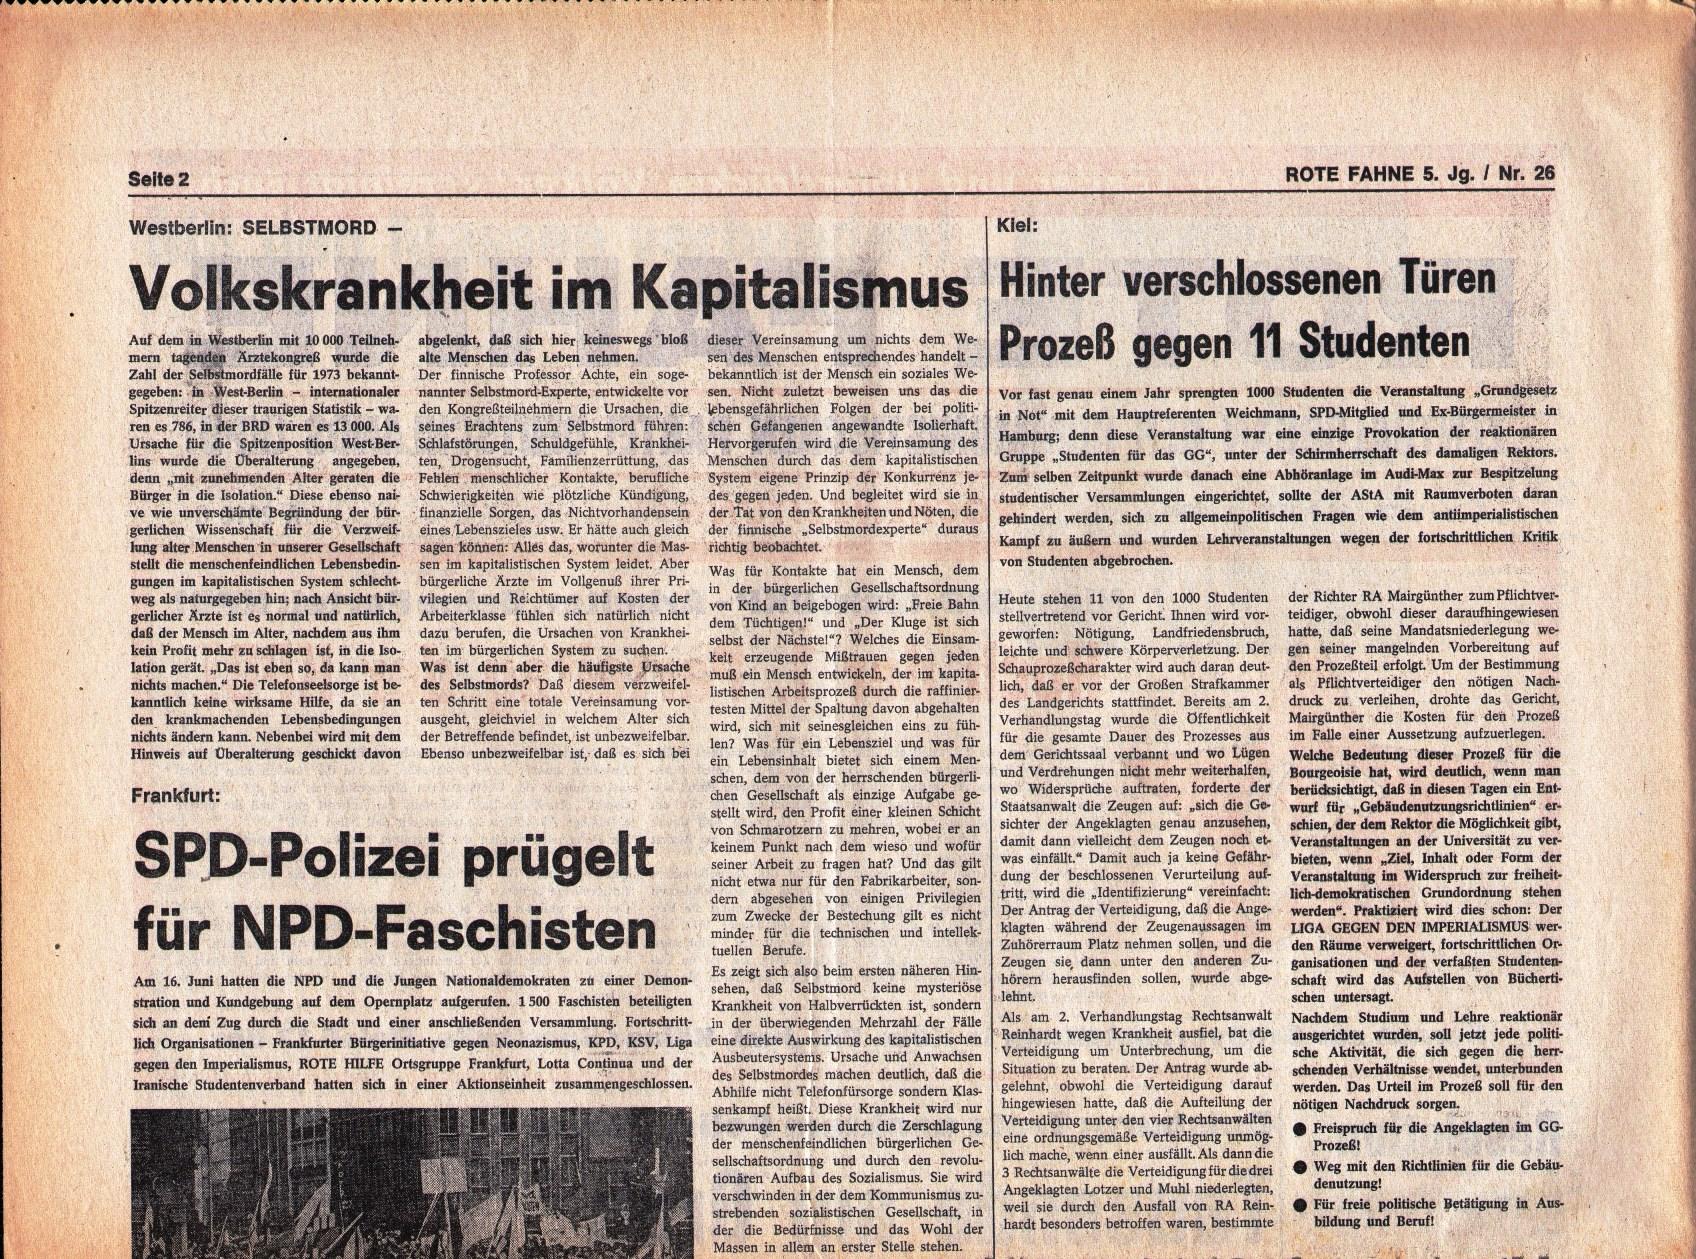 KPD_Rote_Fahne_1974_26_03